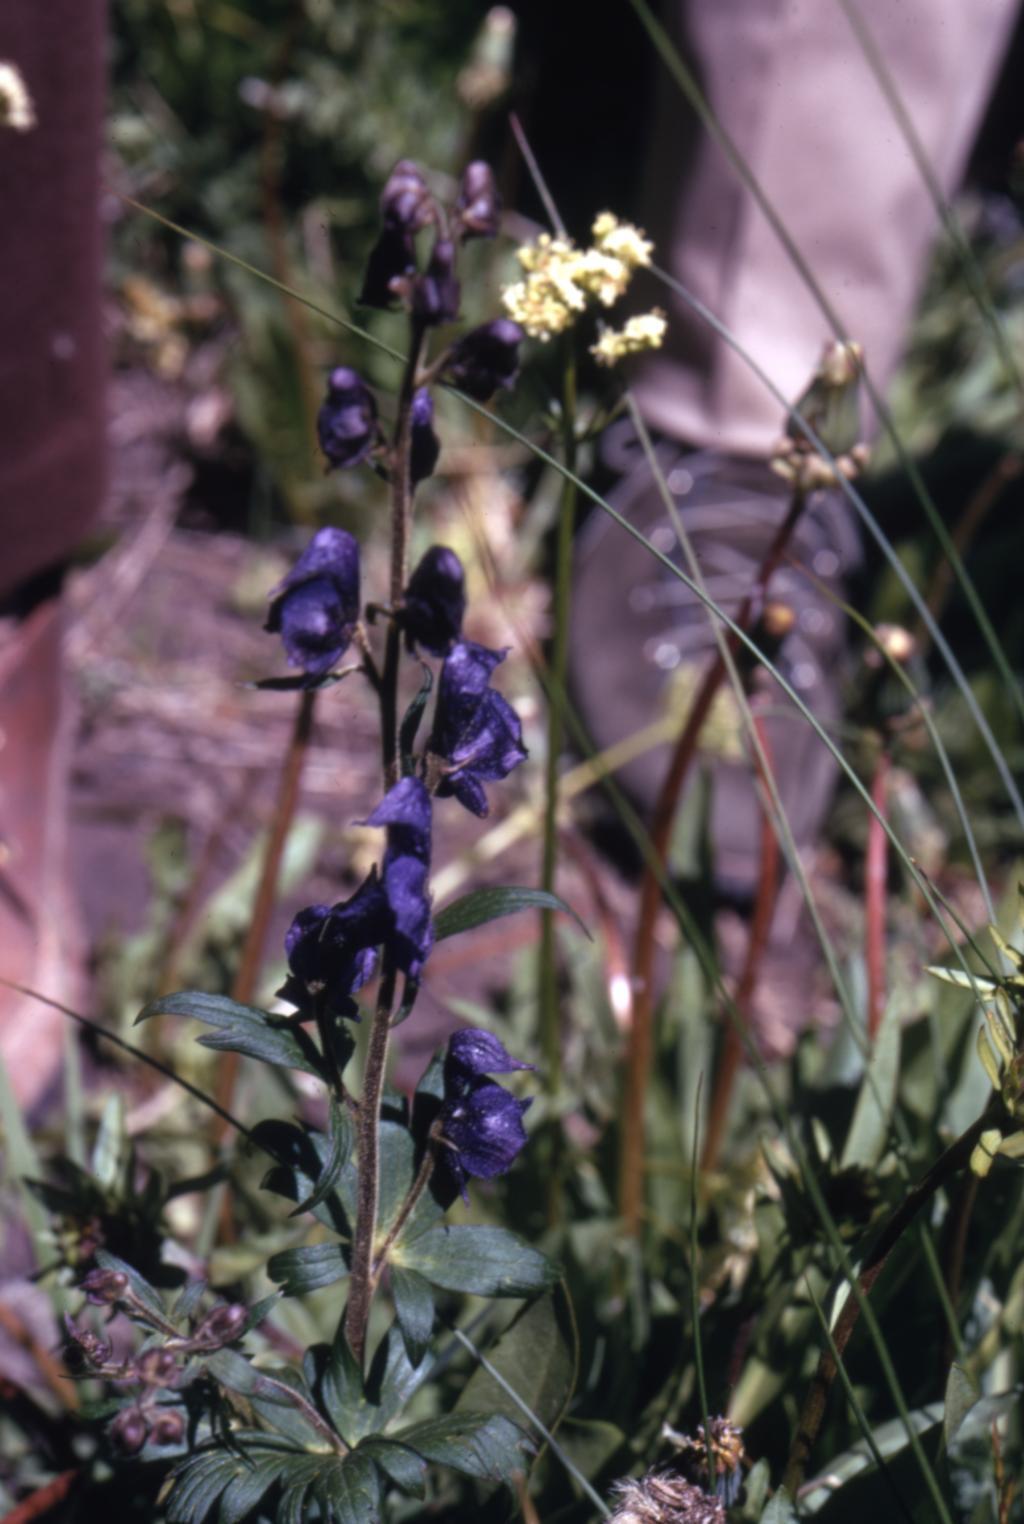 Aconitum uncinatum L. (southern blue monkshood), habit